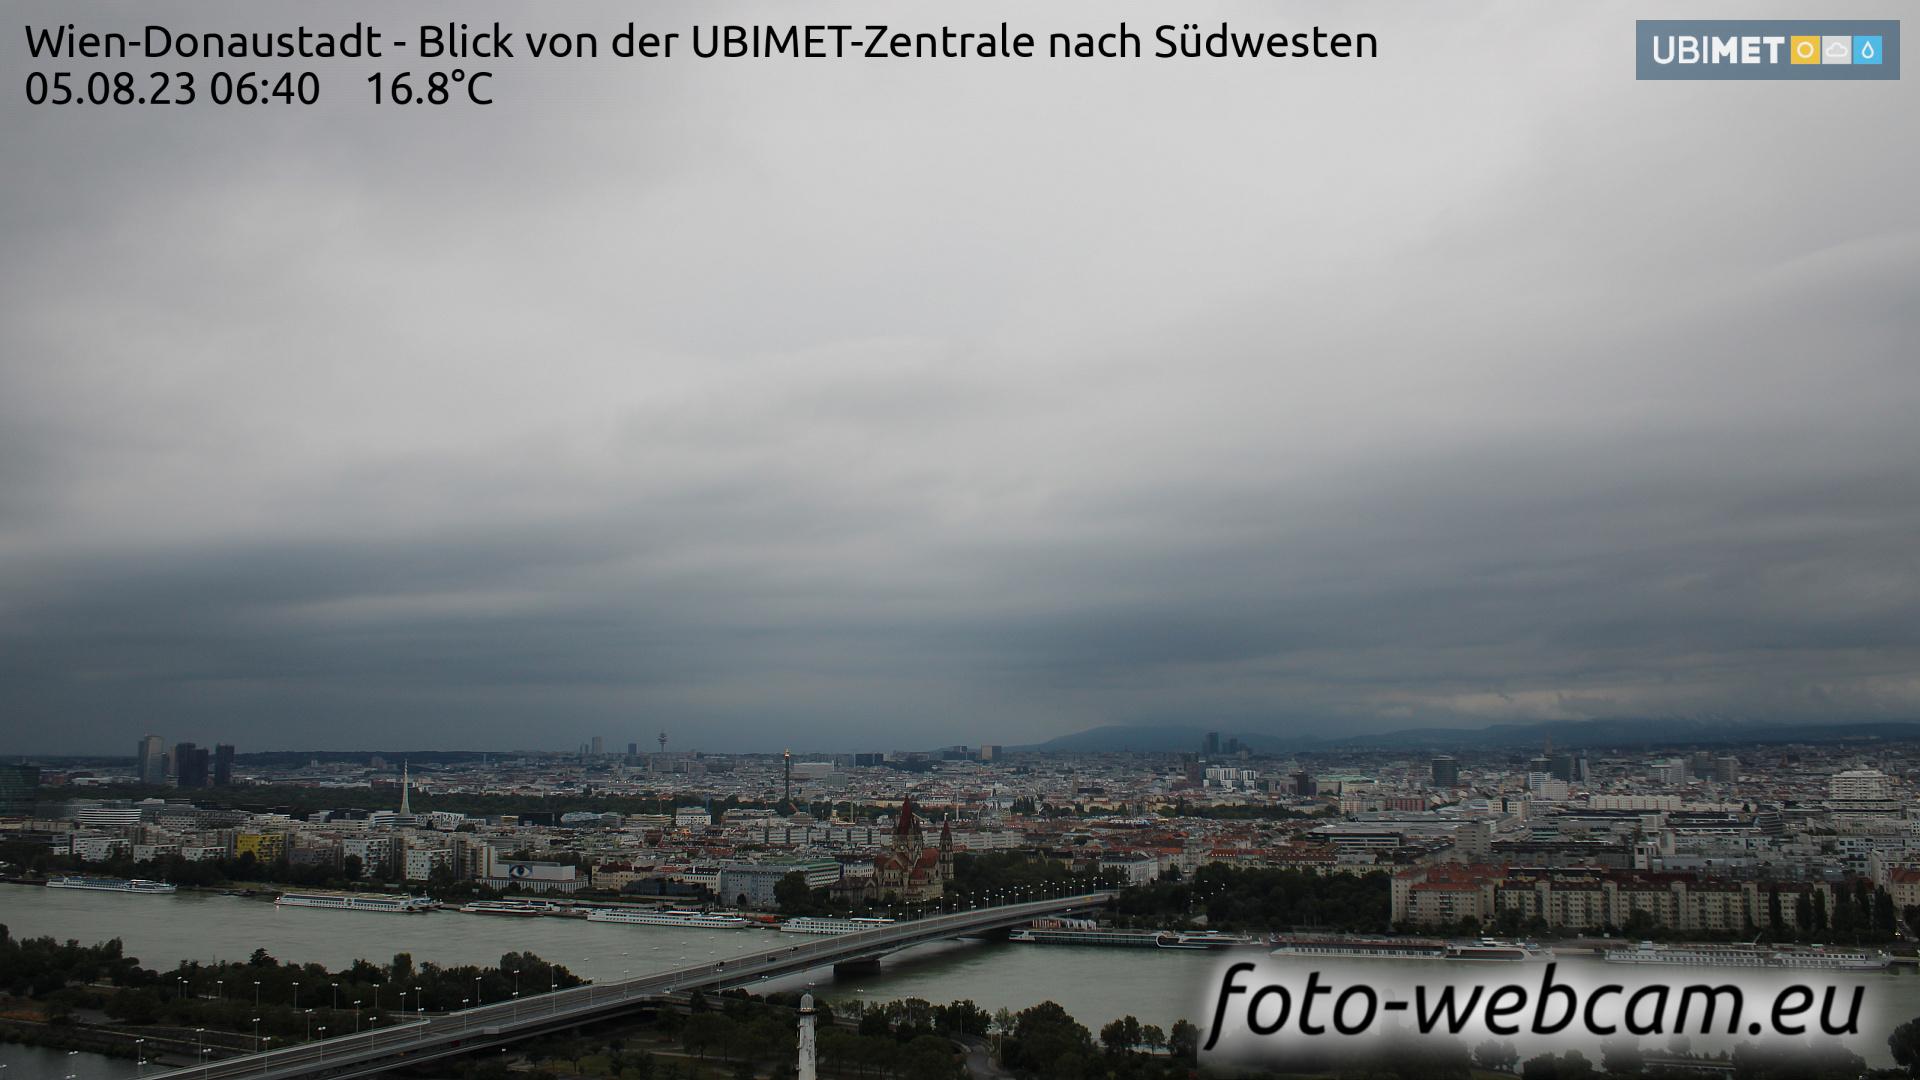 Vienna Wed. 06:46